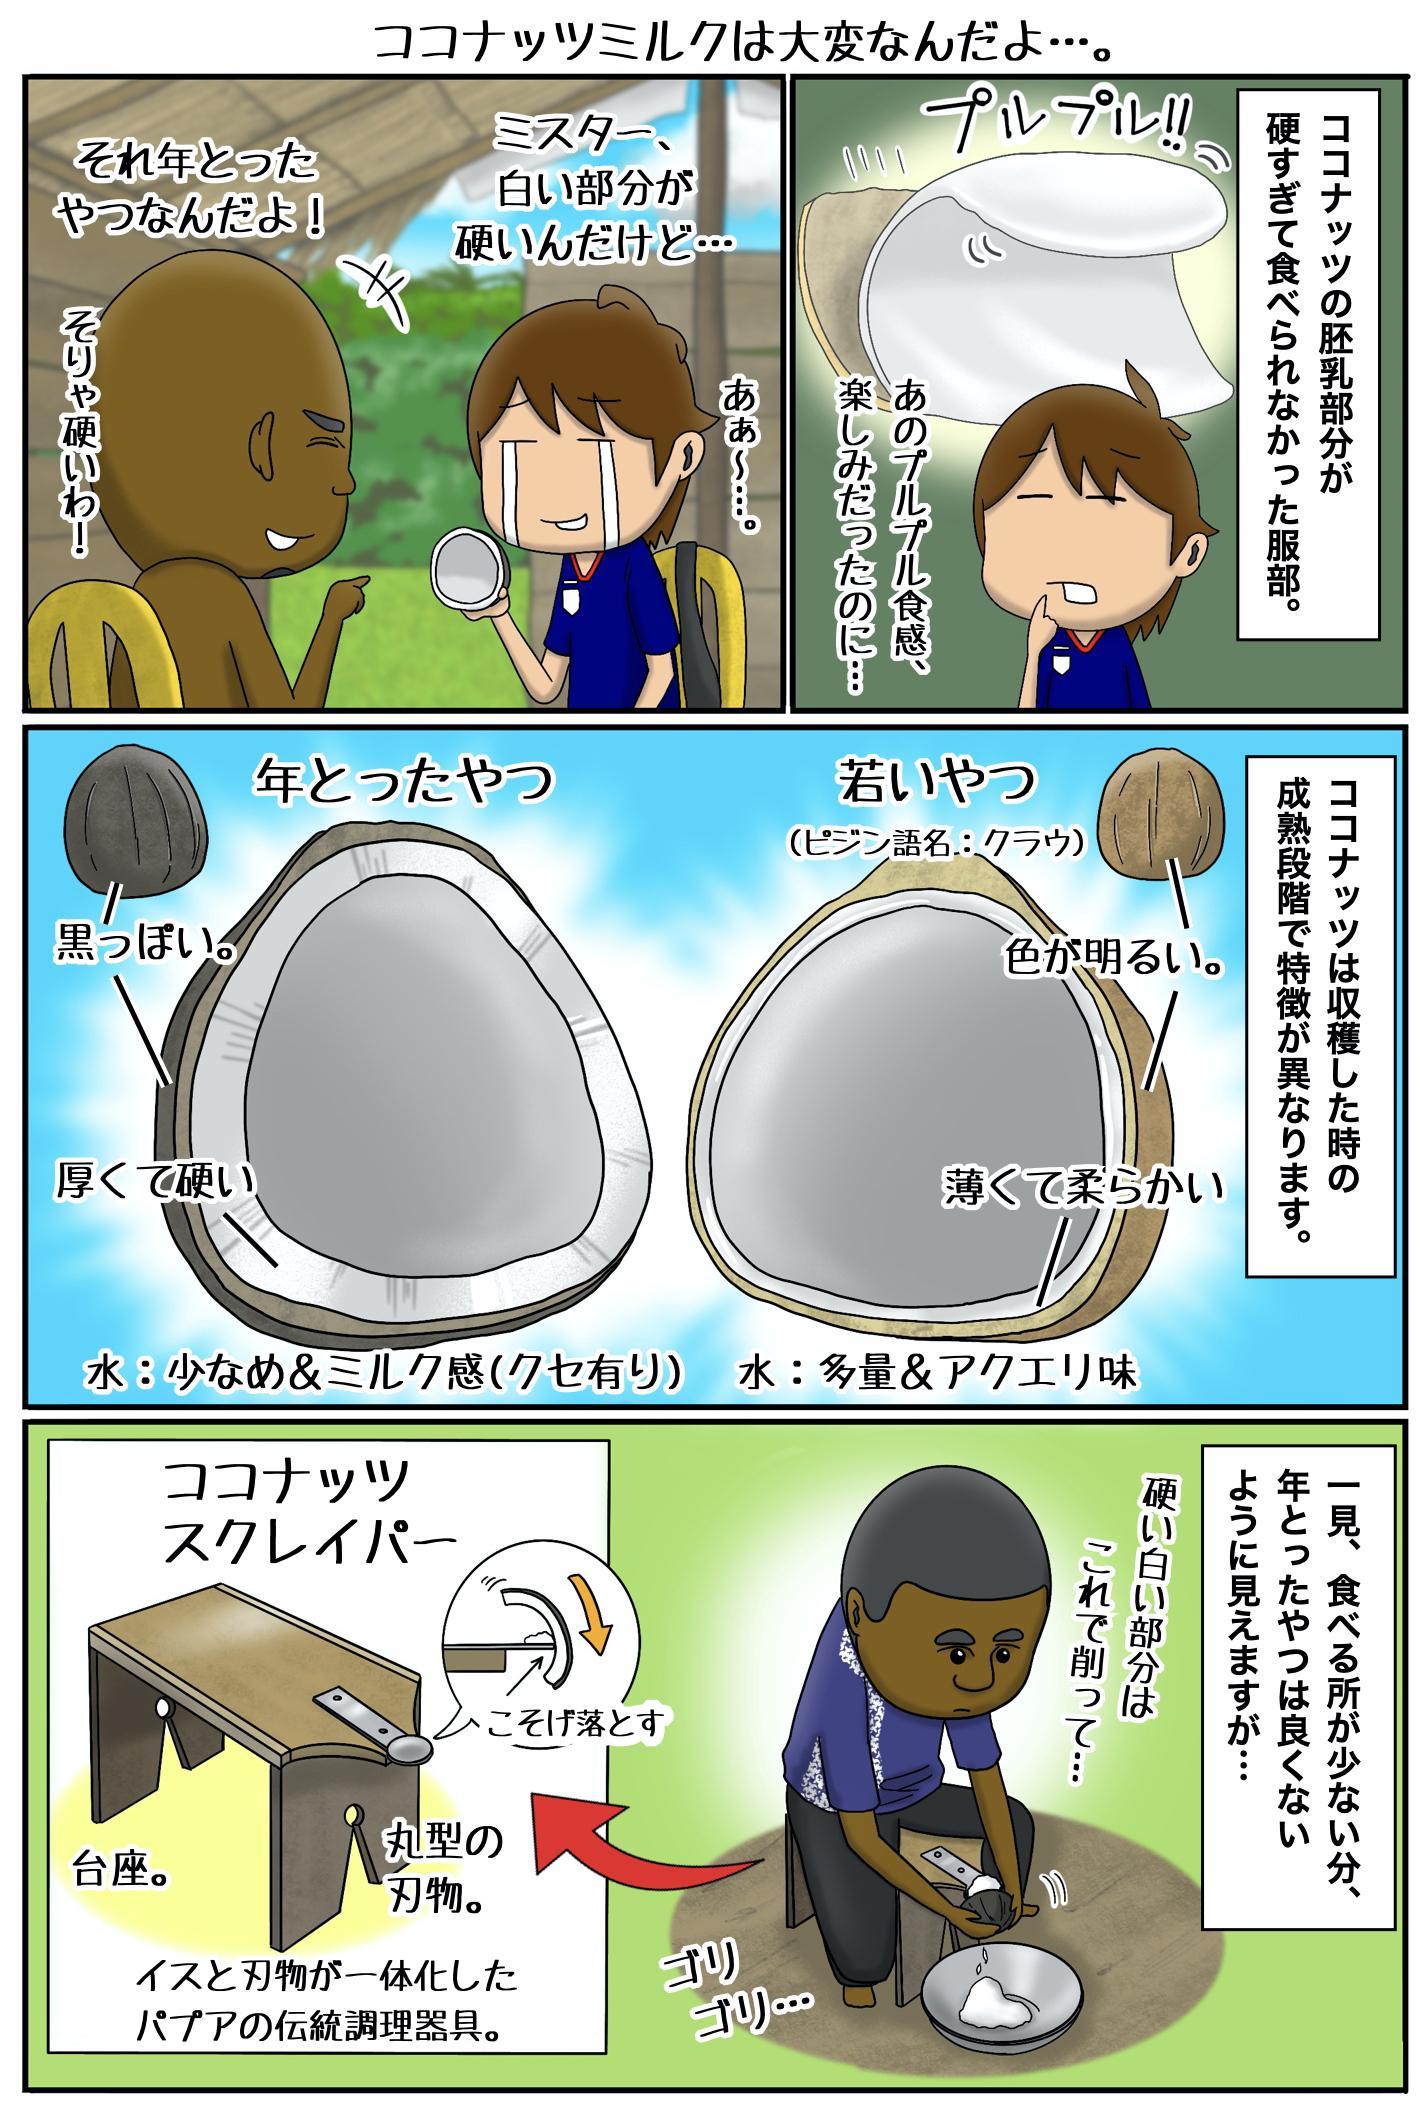 パプア マンガ 181 ココナッツミルクは大変なんだよ…。.001